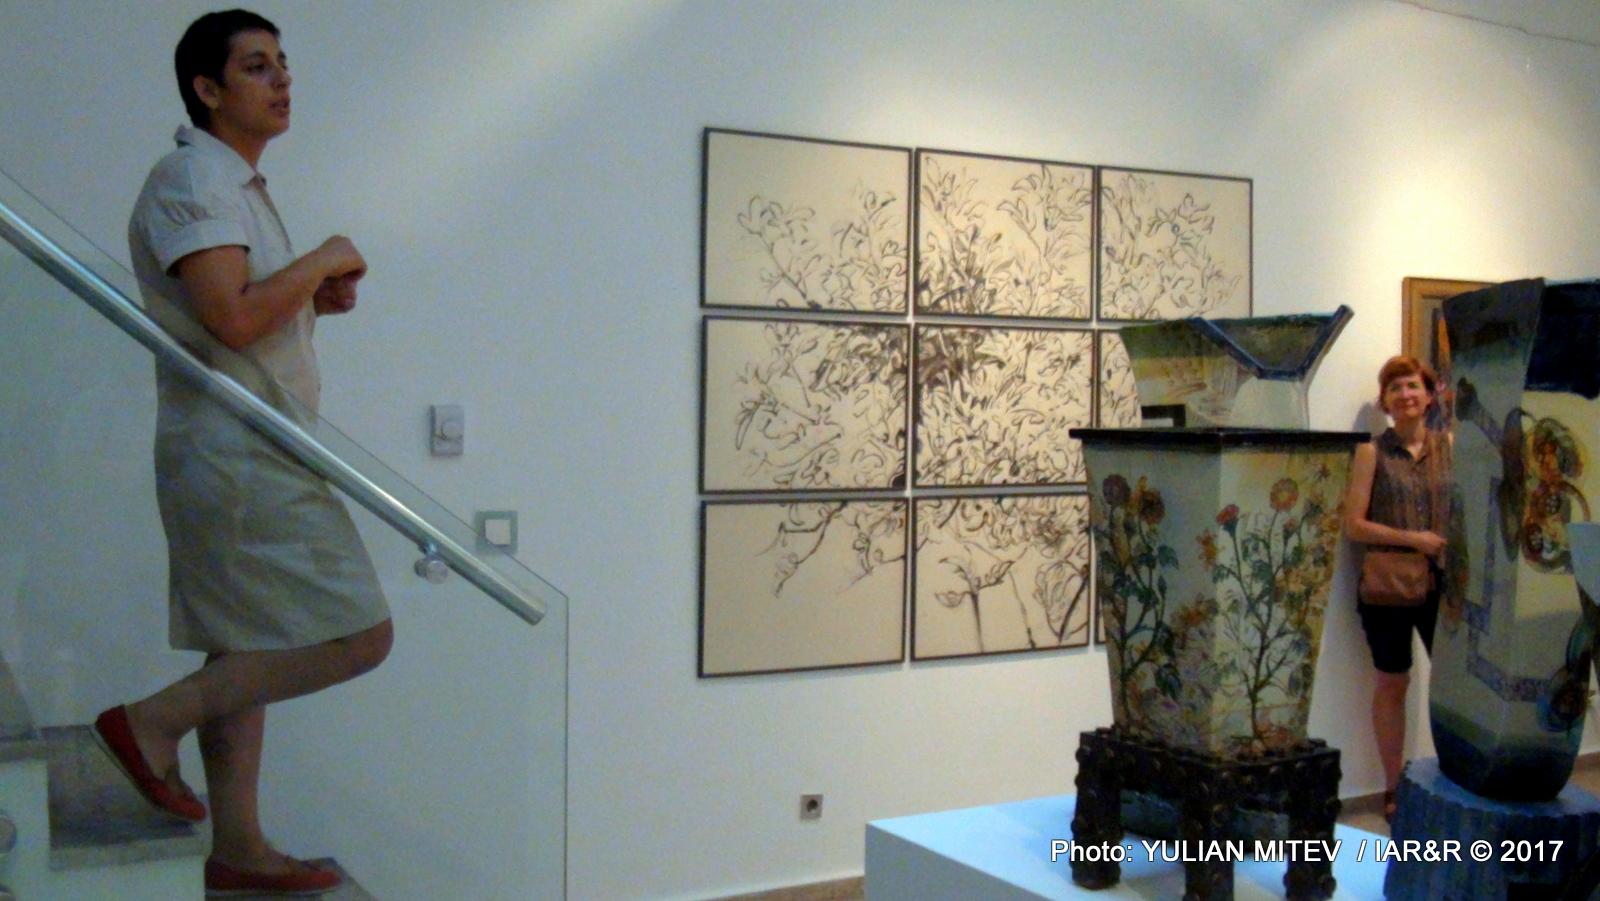 Кураторката на изложбата – изкуствоведката В. Ножарова подробно разказа за замисъла и осъществяването на експозицията